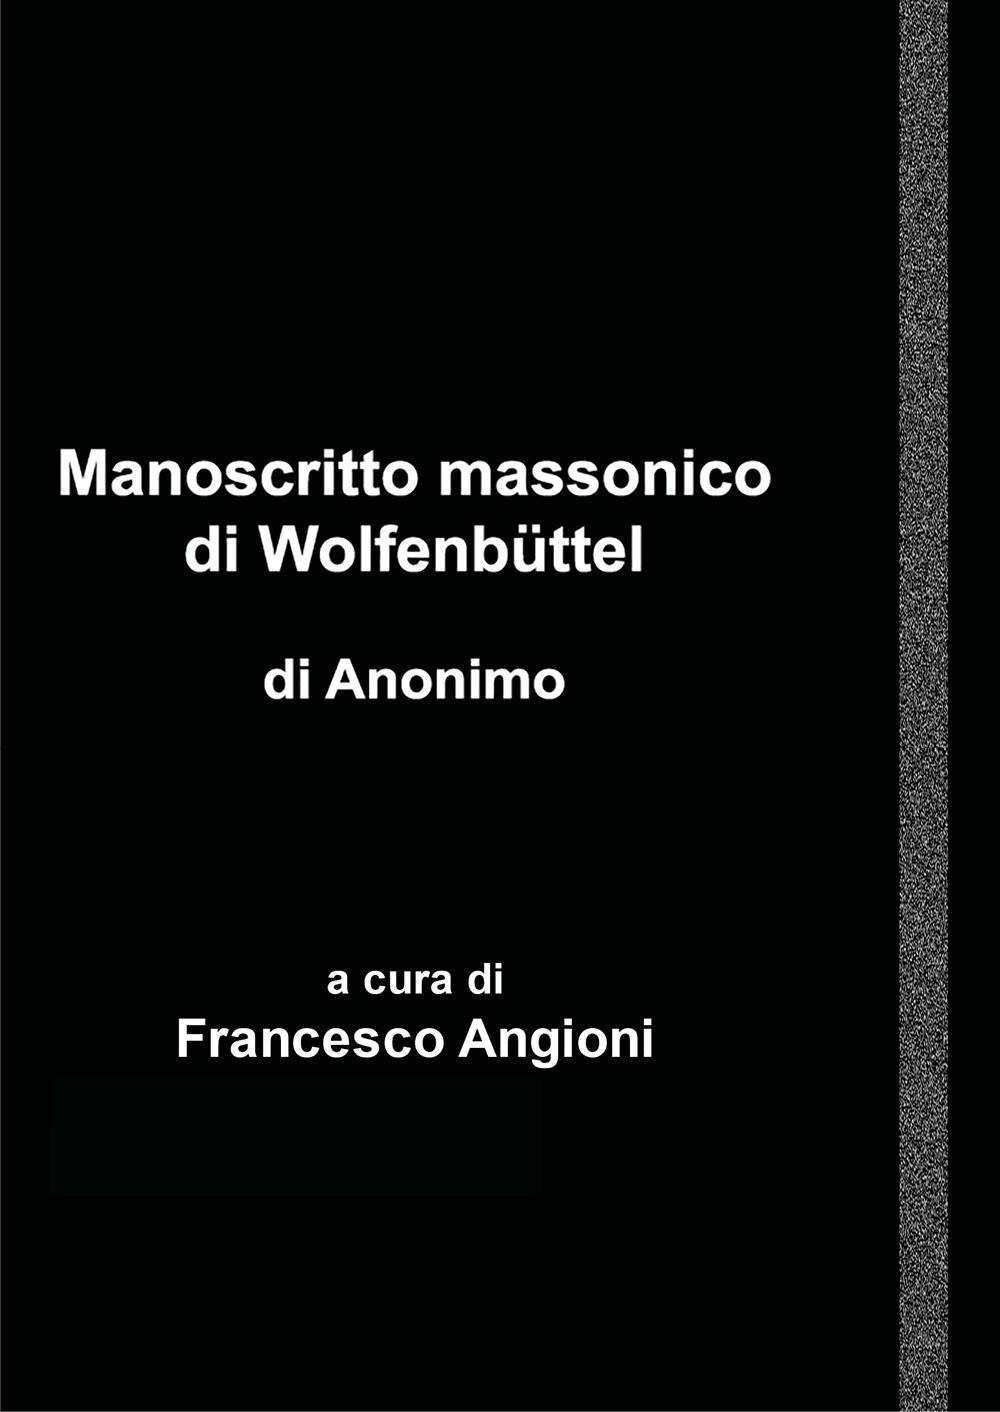 Manoscritto Massonico di Wolfenbüttel - di Anonimo tedesco